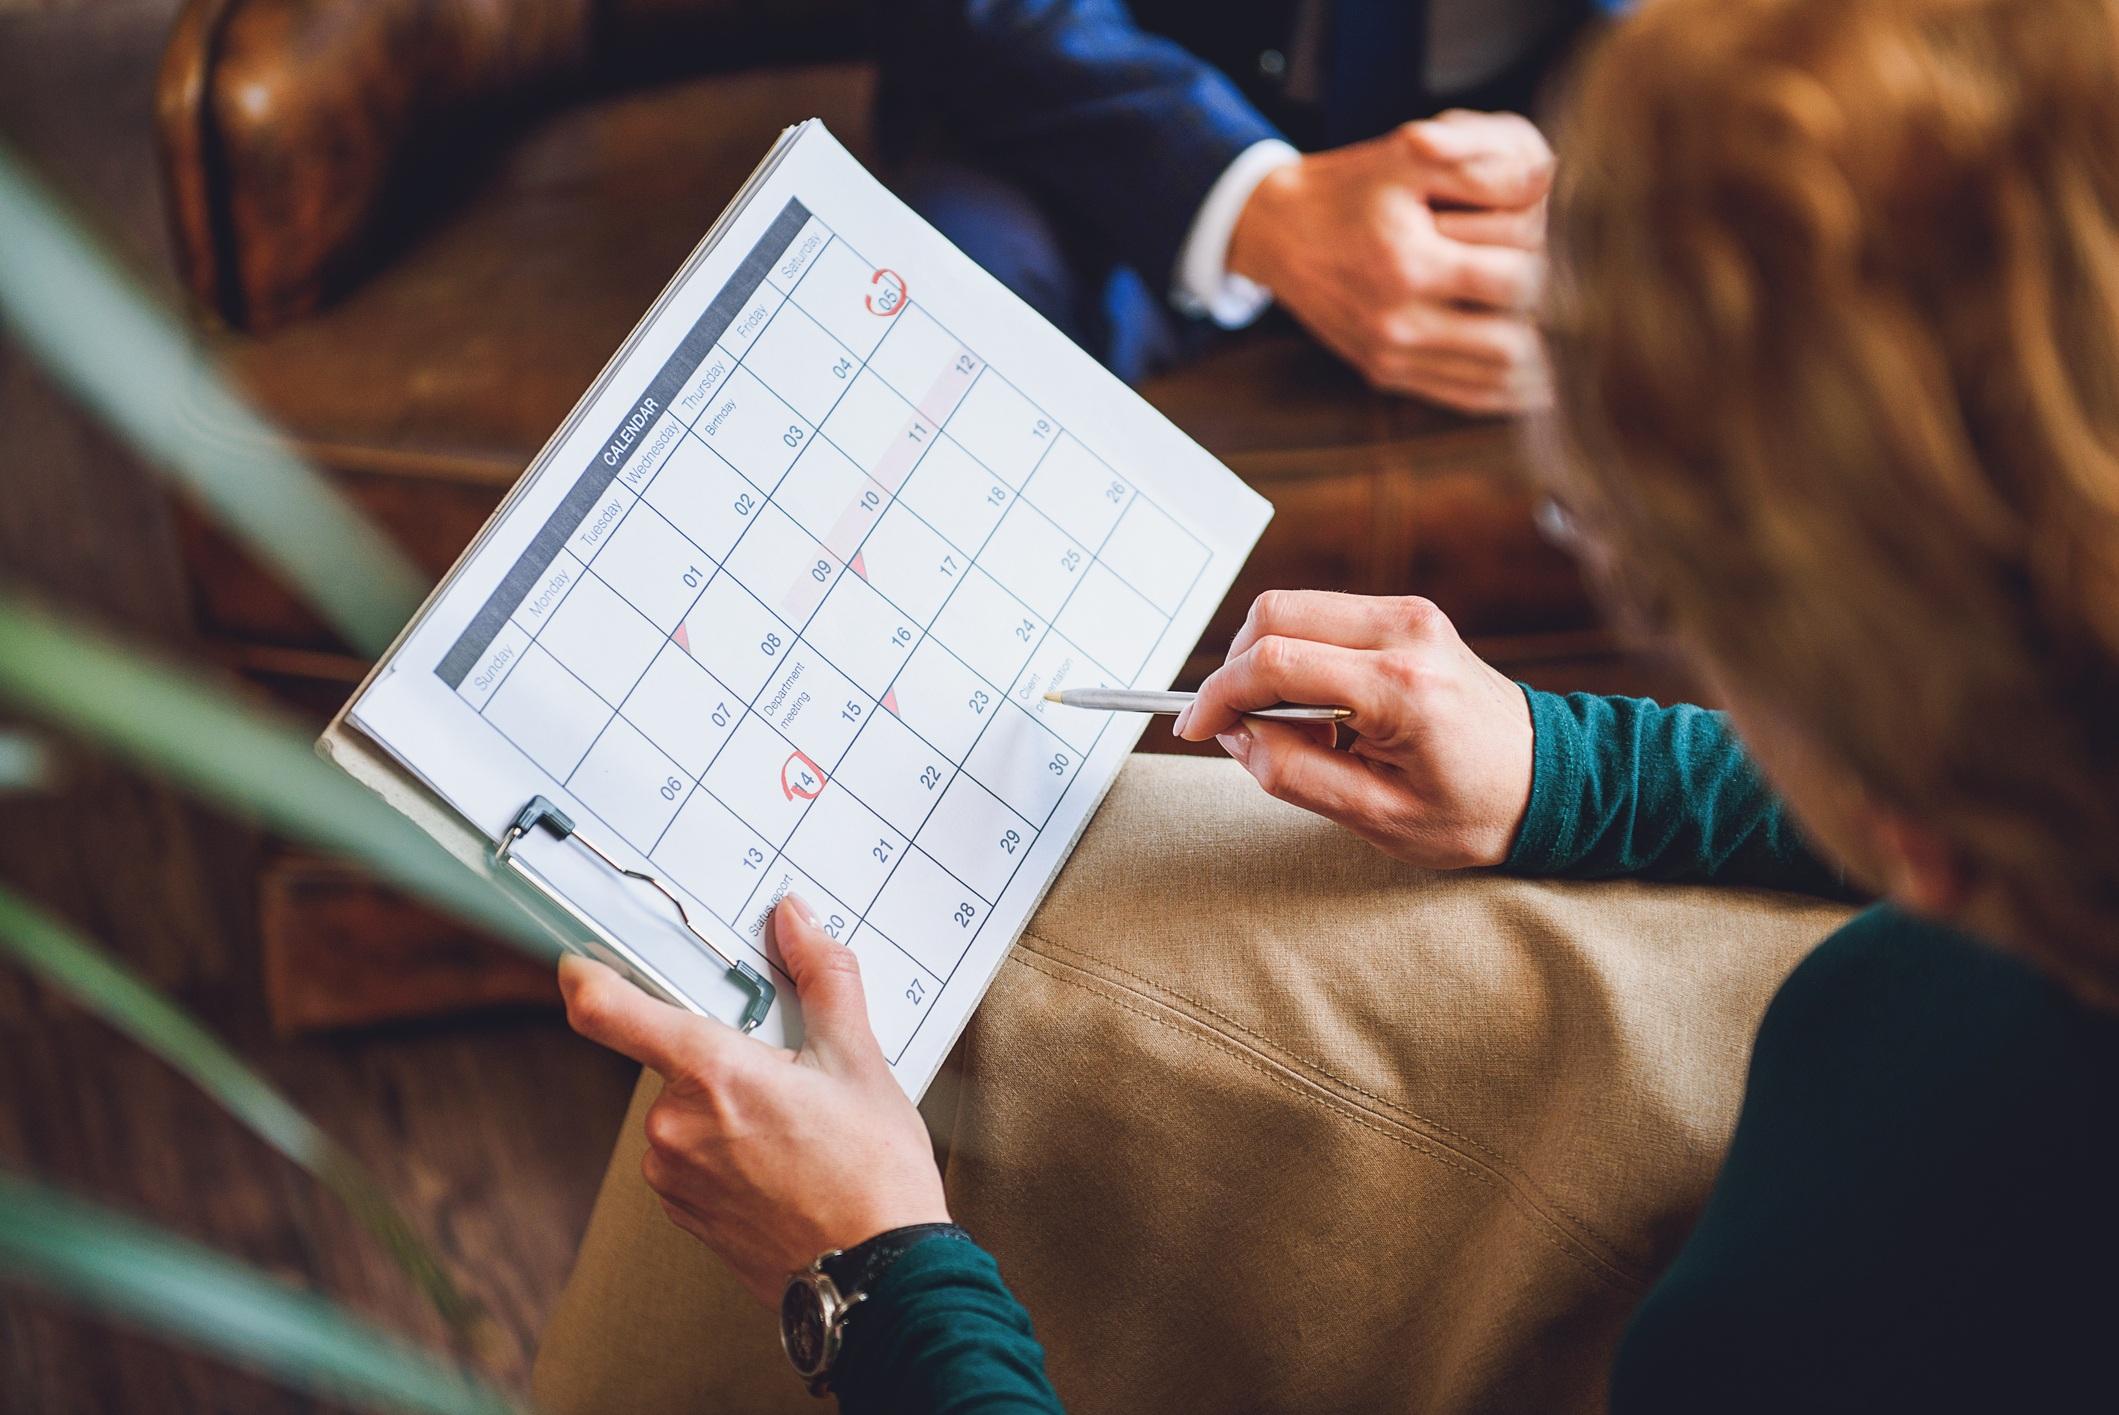 Writing on a calendar